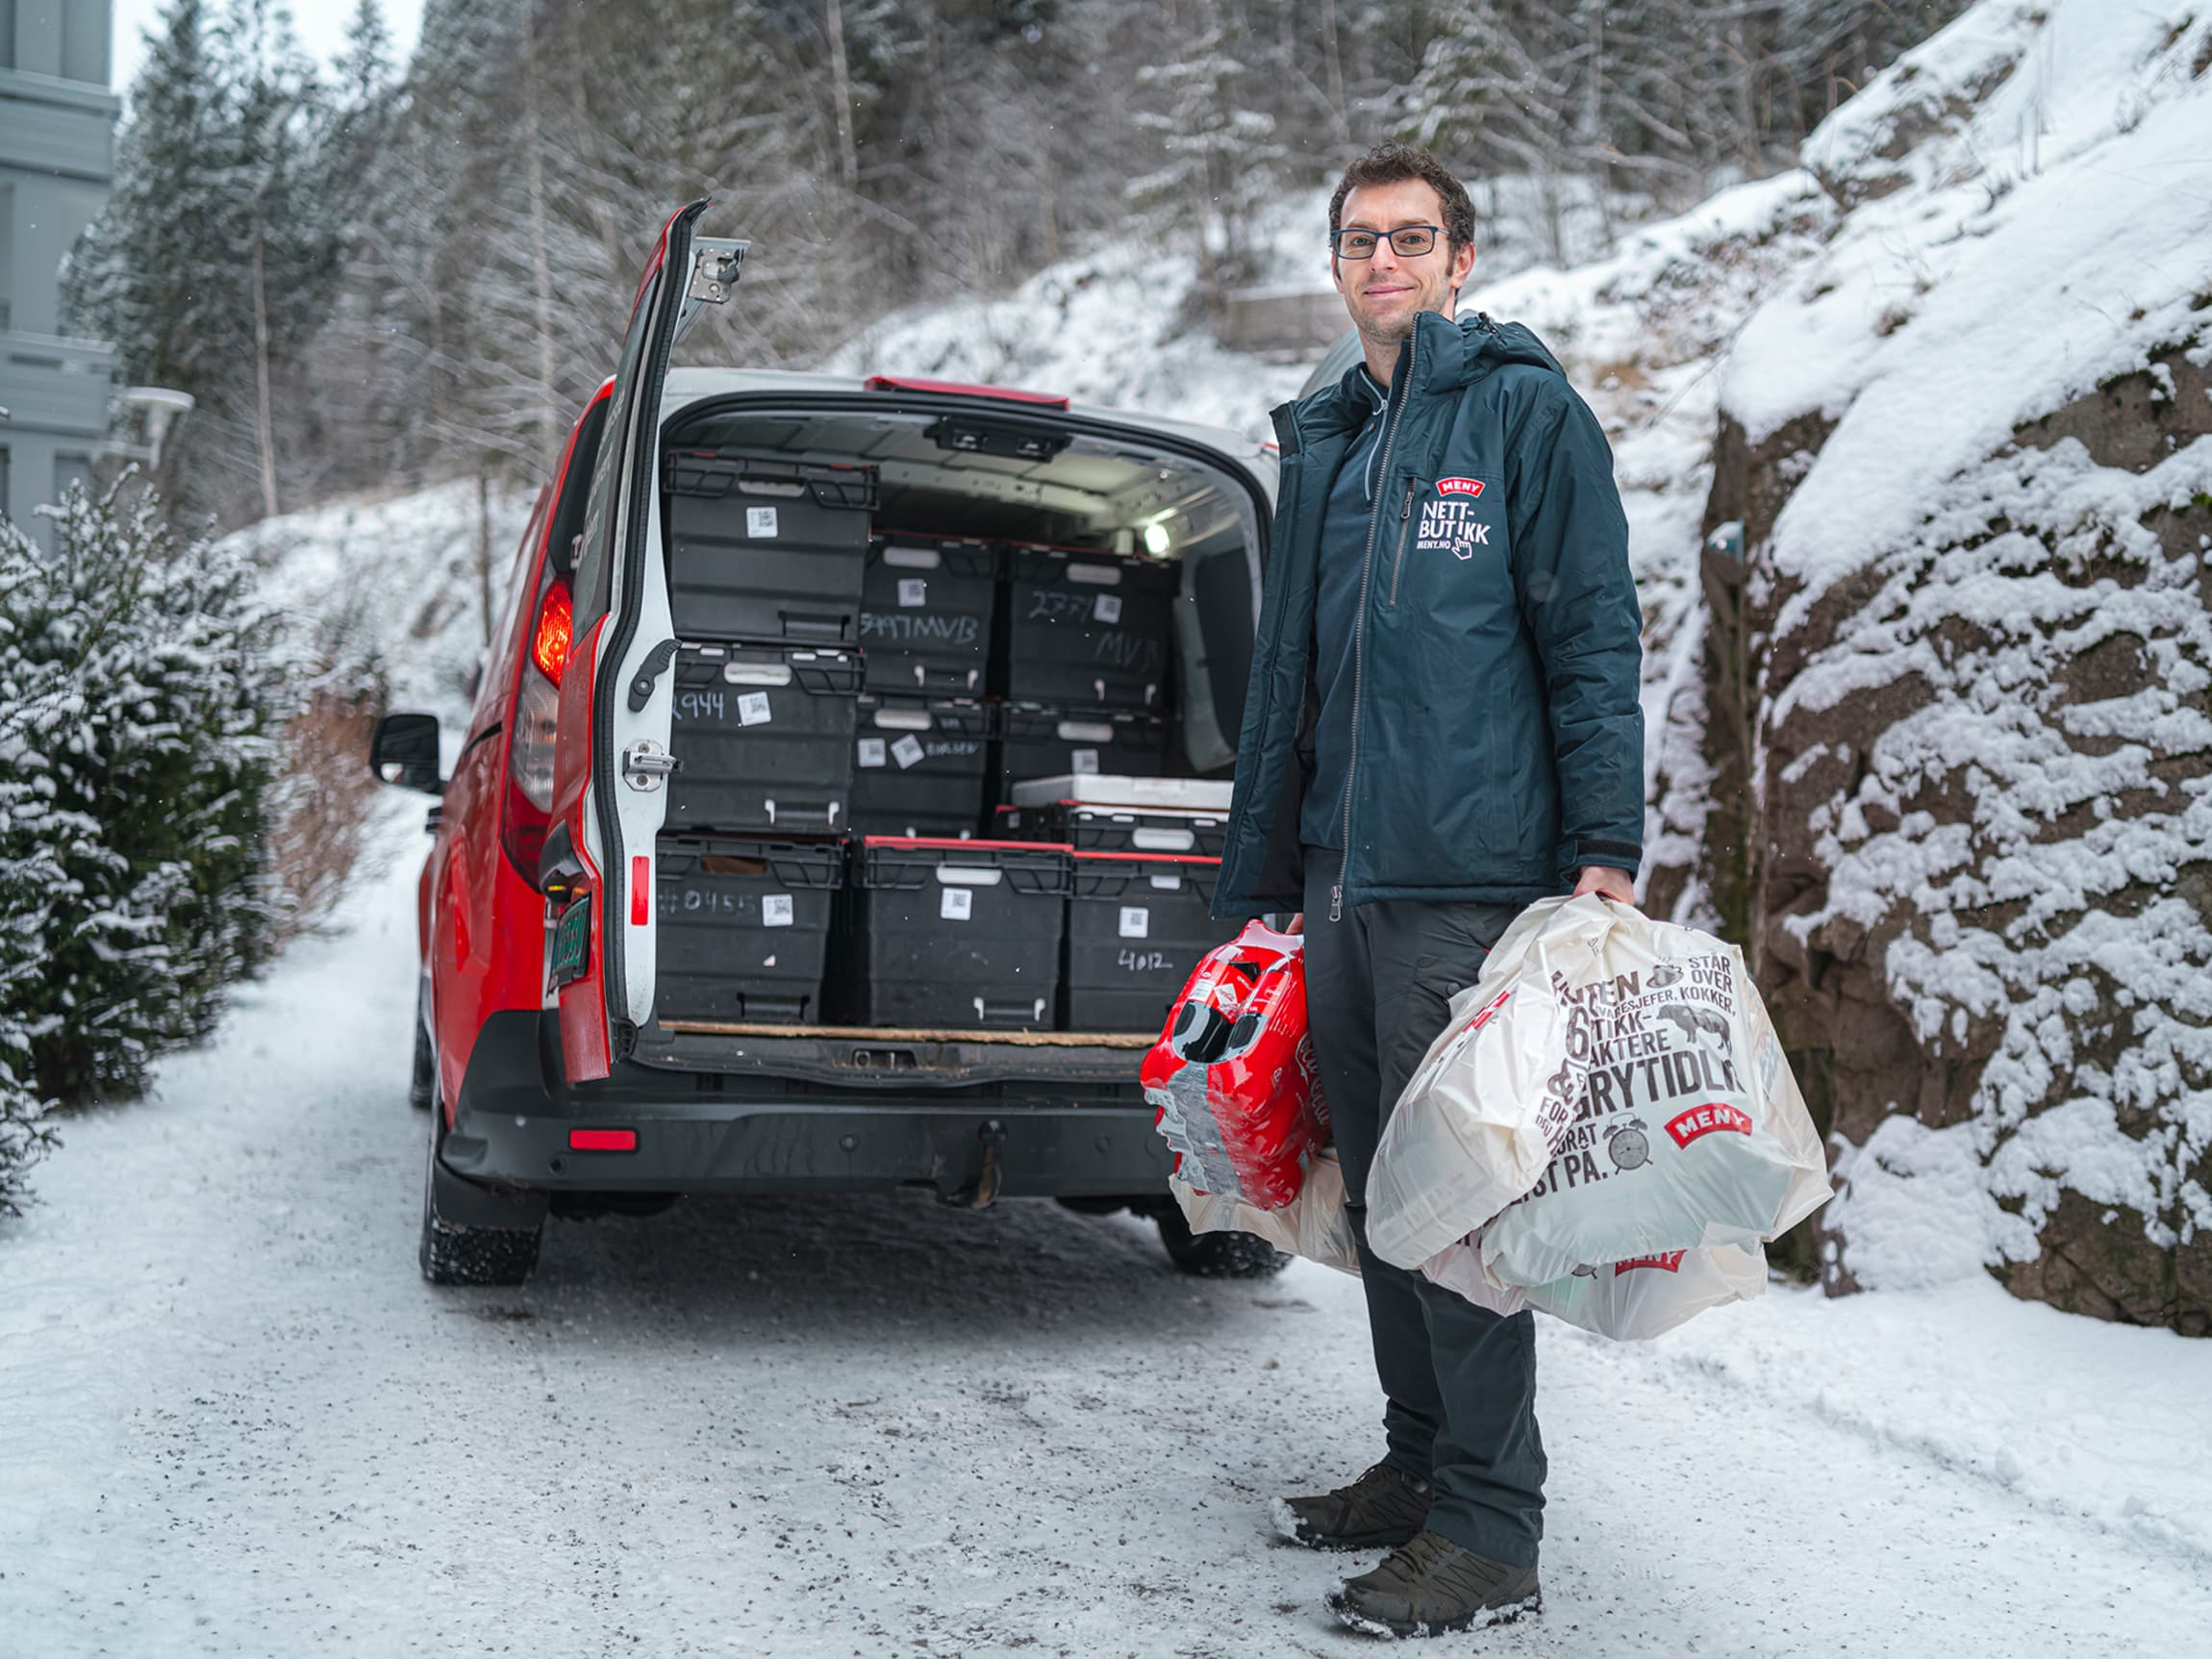 Skal du være hjemme? Spar tid ved å handle på nett, så leverer vi varene hjem til deg!